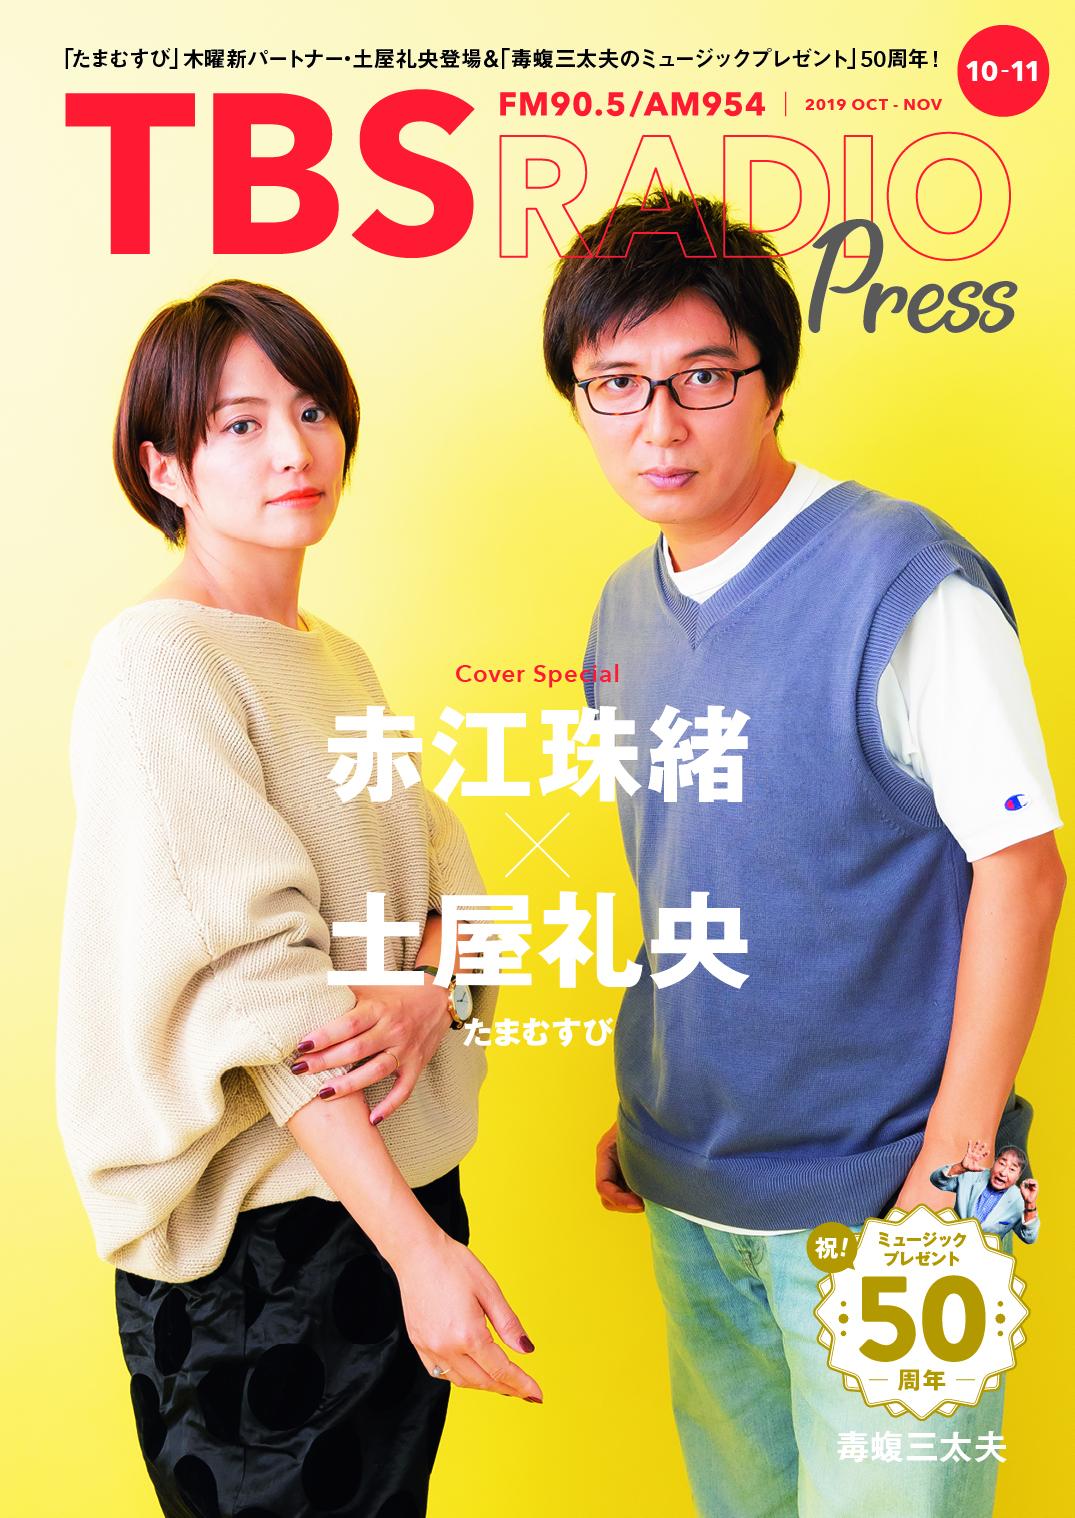 TBSラジオPRESS』10-11月号の表紙・特集は赤江珠緒&土屋礼央!さらに ...